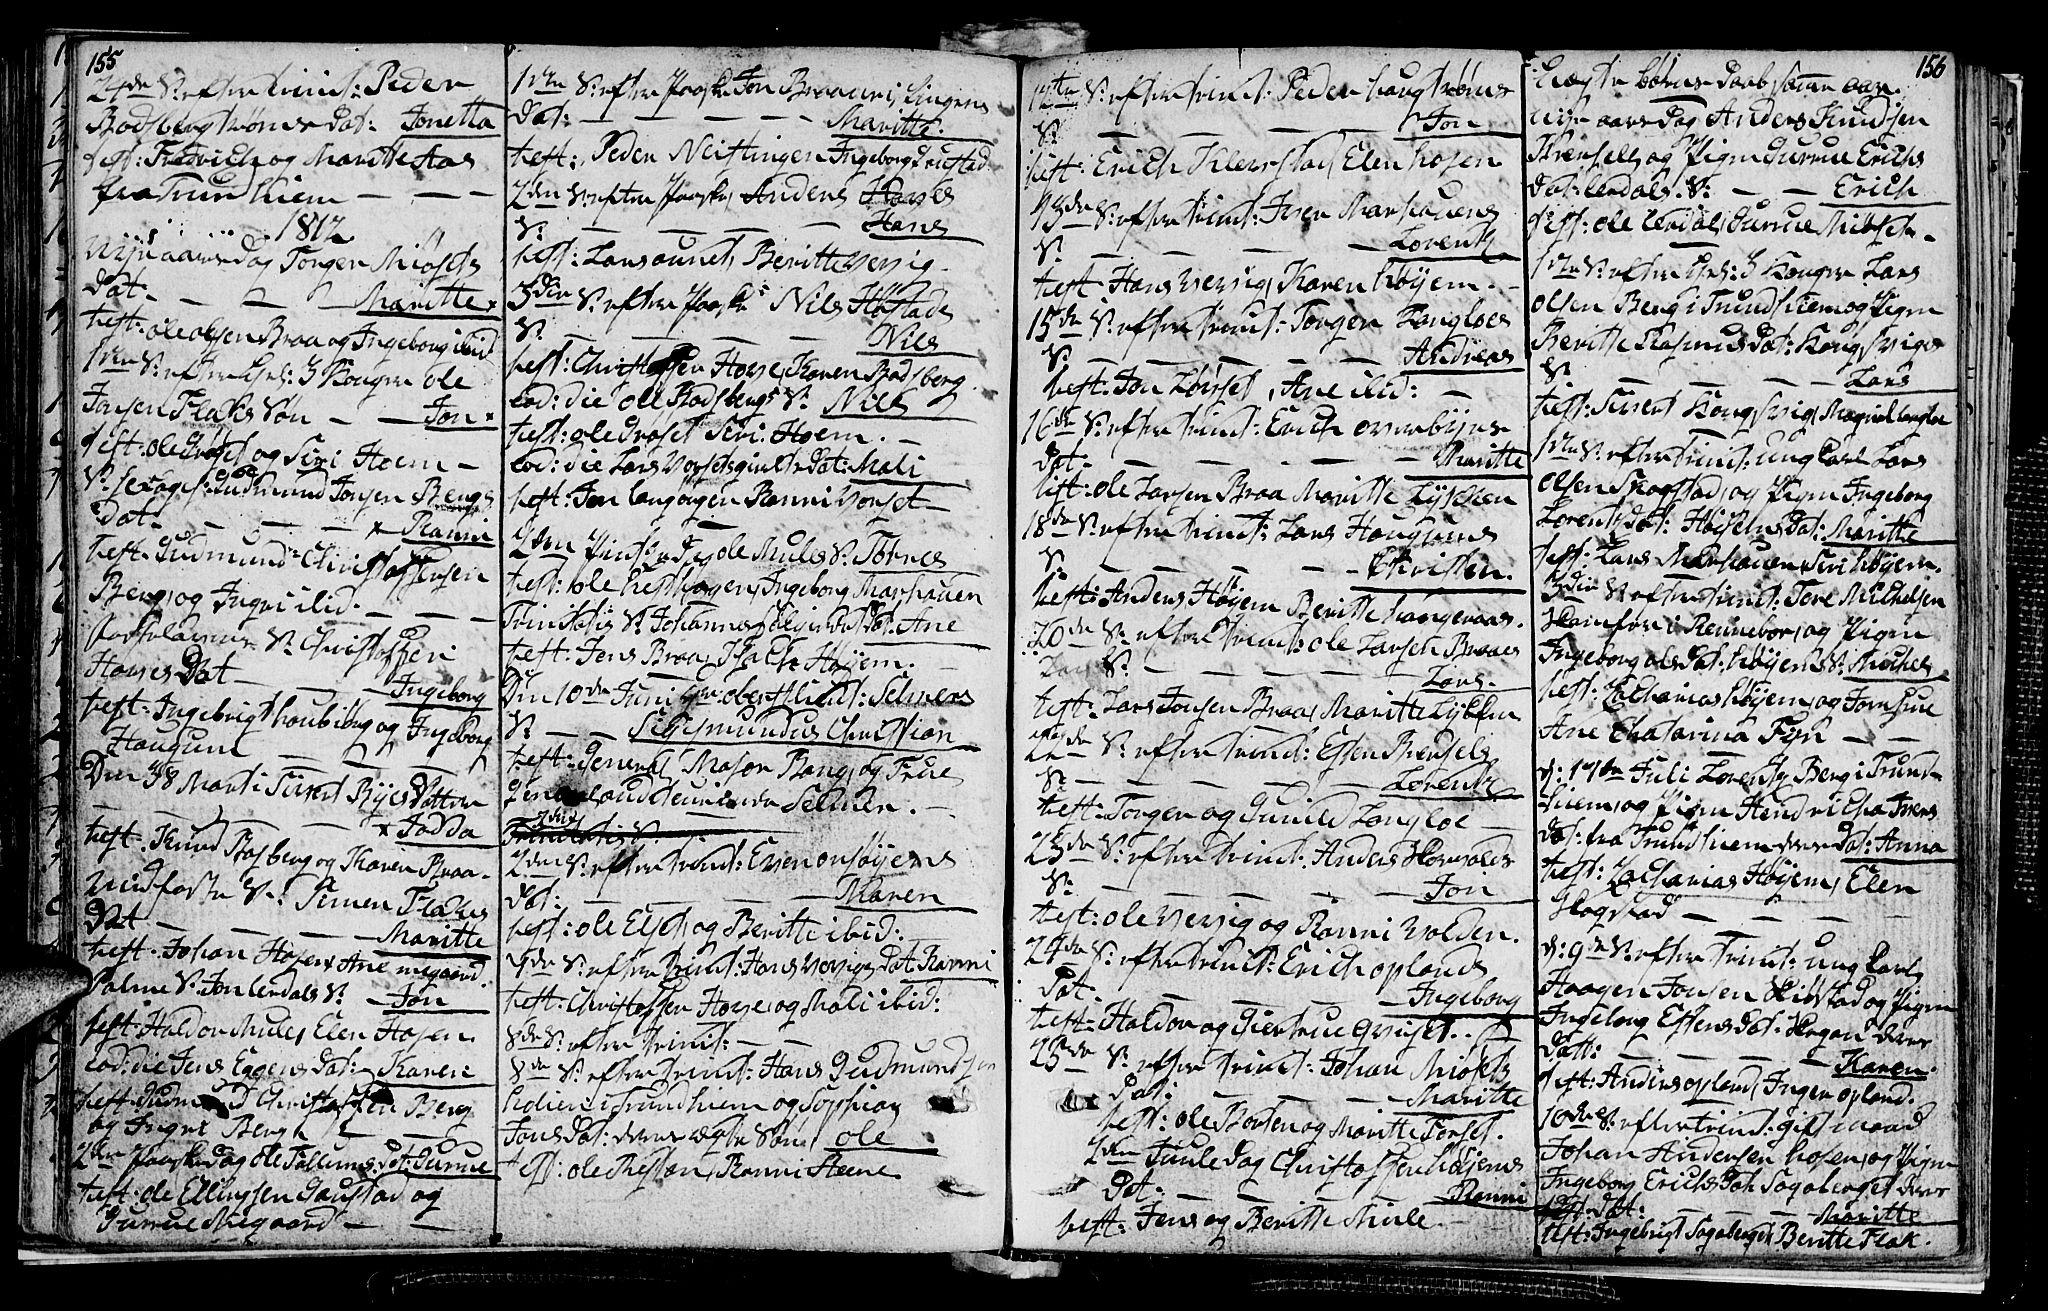 SAT, Ministerialprotokoller, klokkerbøker og fødselsregistre - Sør-Trøndelag, 612/L0371: Ministerialbok nr. 612A05, 1803-1816, s. 155-156